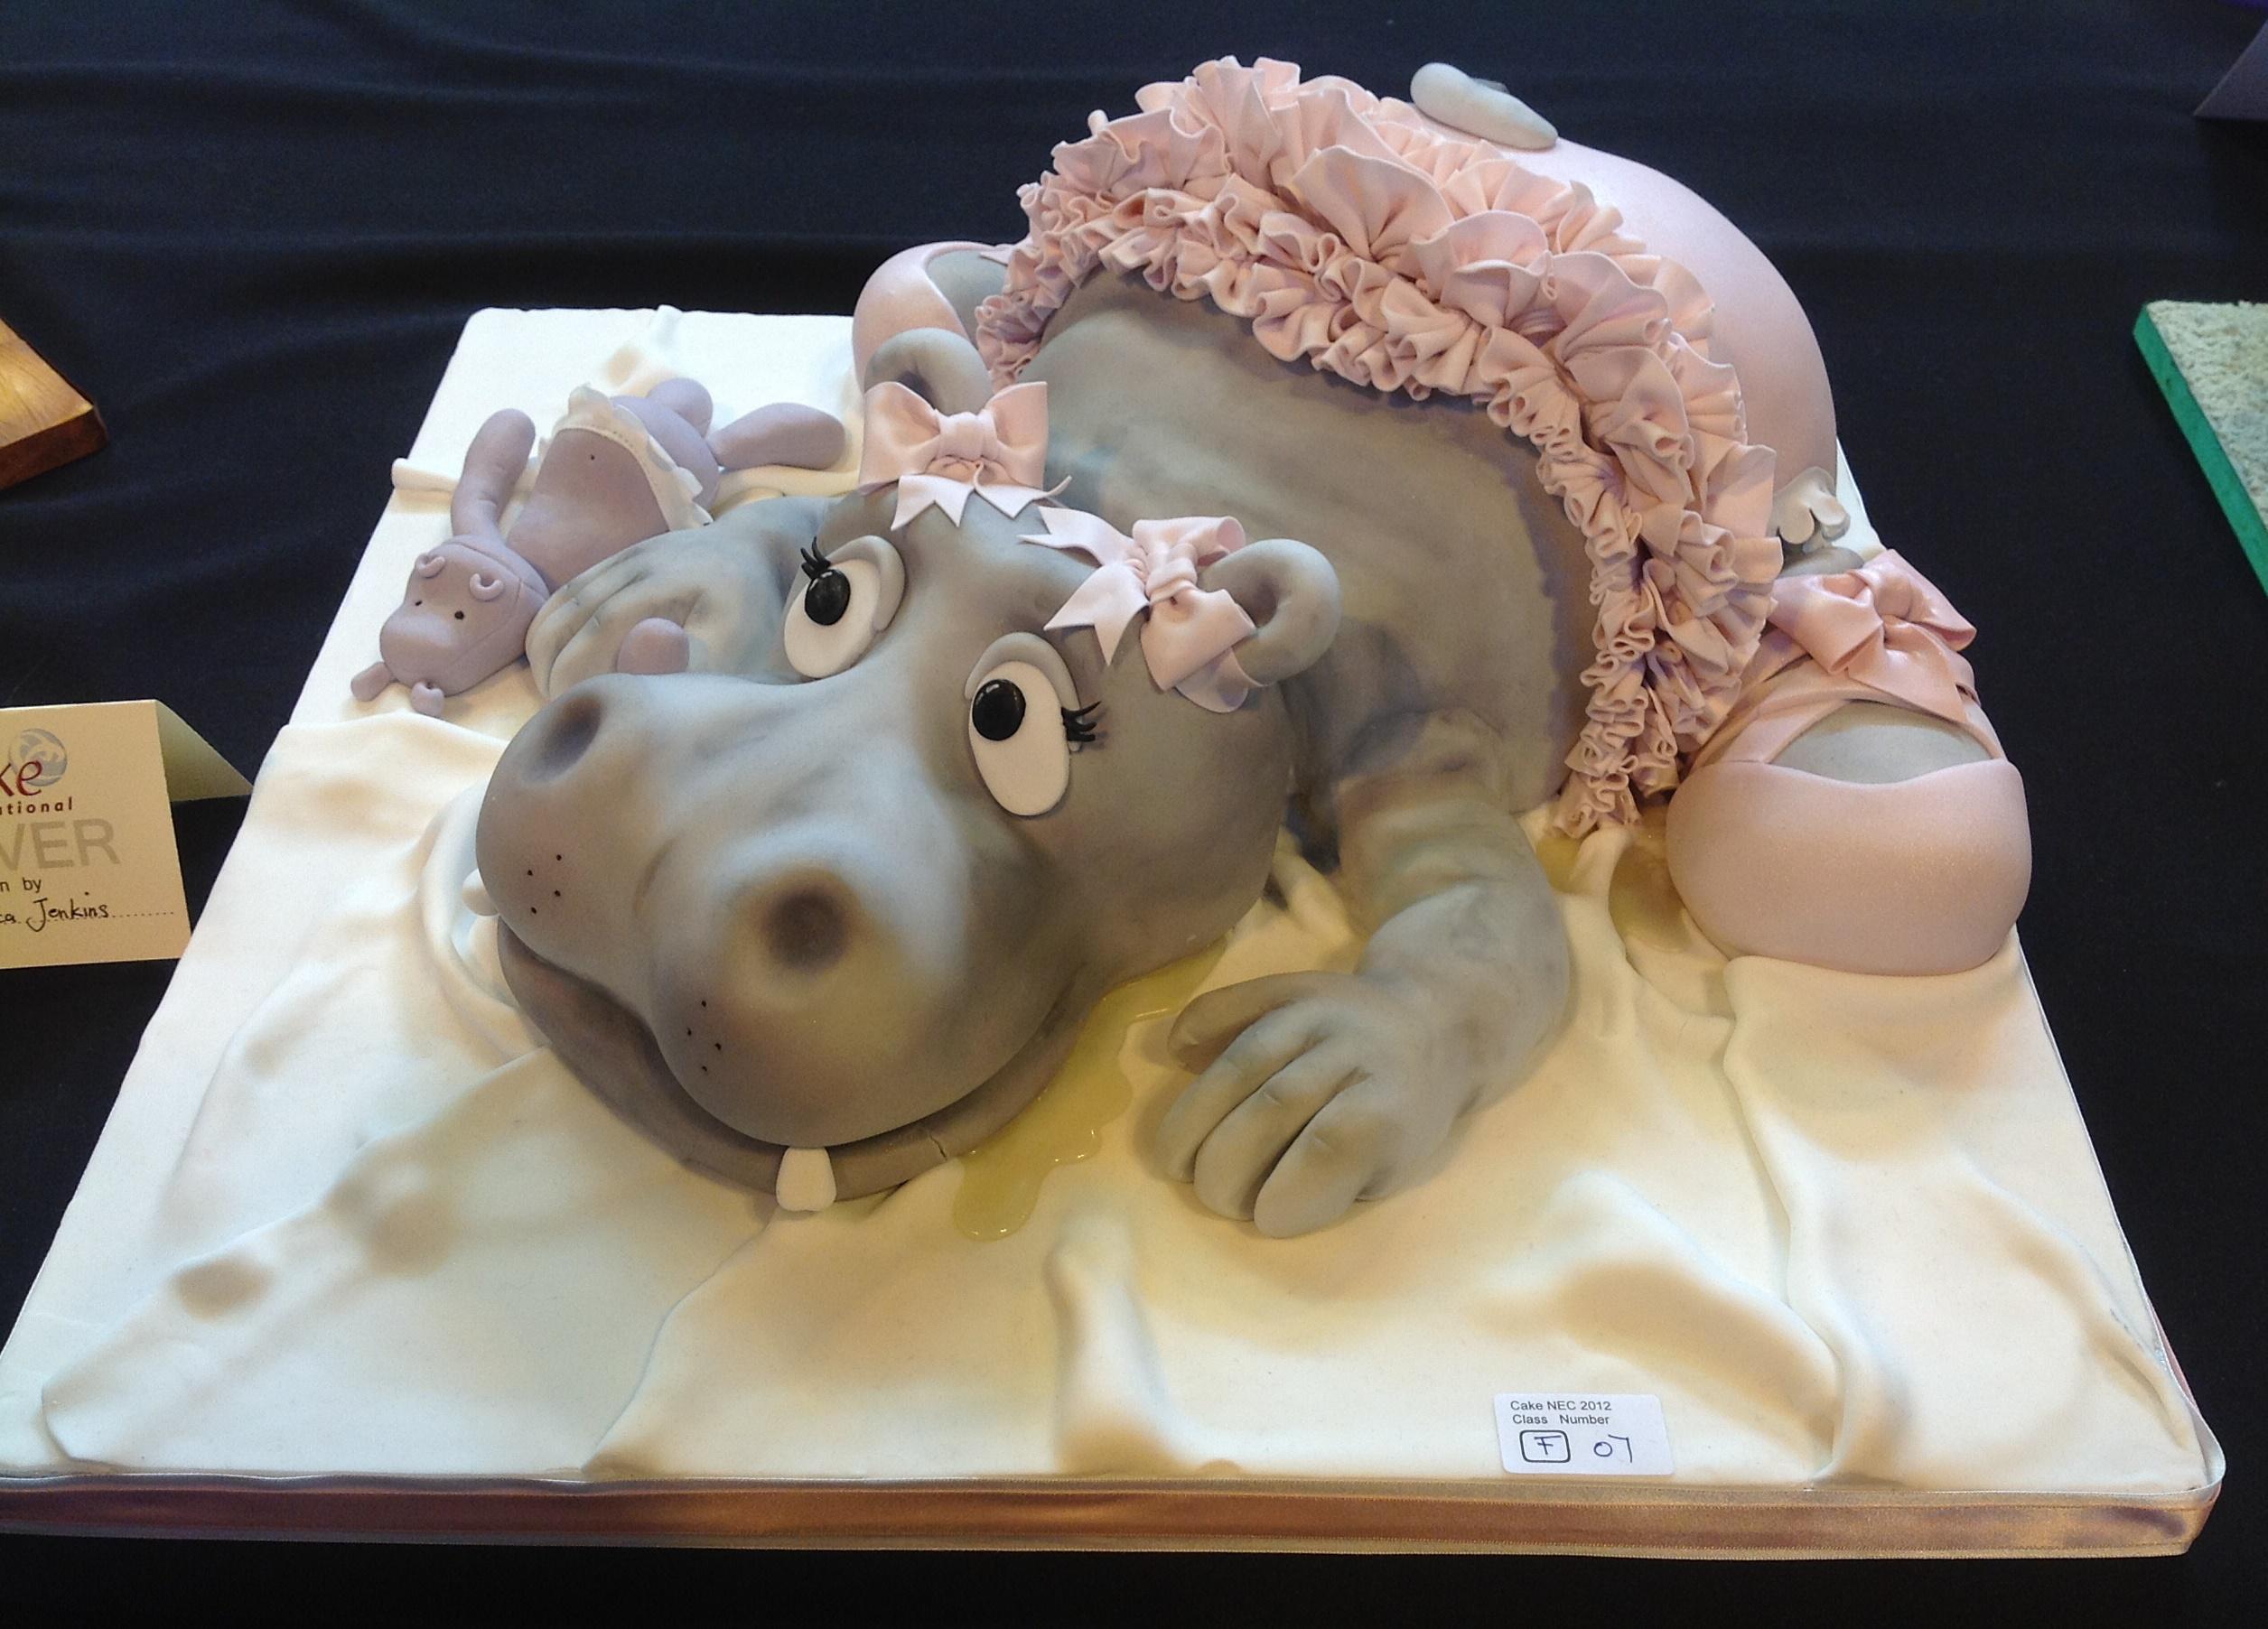 Фестиваль кондитерского искусства Cake International в Лондоне http://travelcalendar.ru/wp-content/uploads/2015/06/Cake-International-Nov-2012-003.jpg